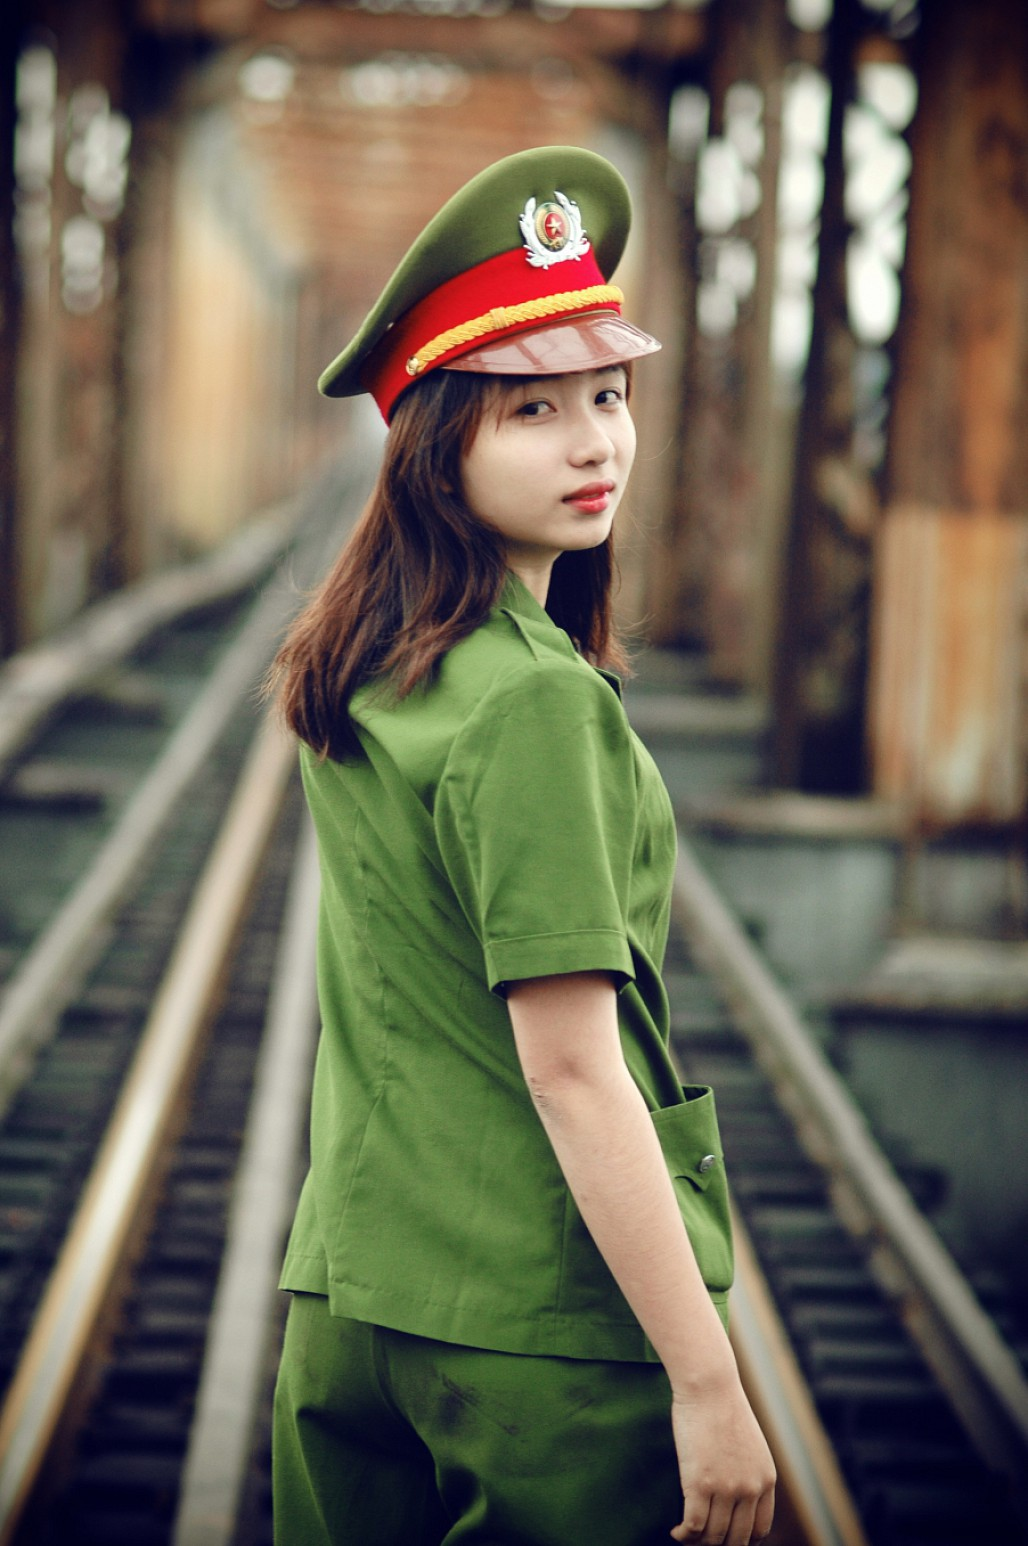 Hình ảnh nữ công an chụp ảnh ở đường tàu